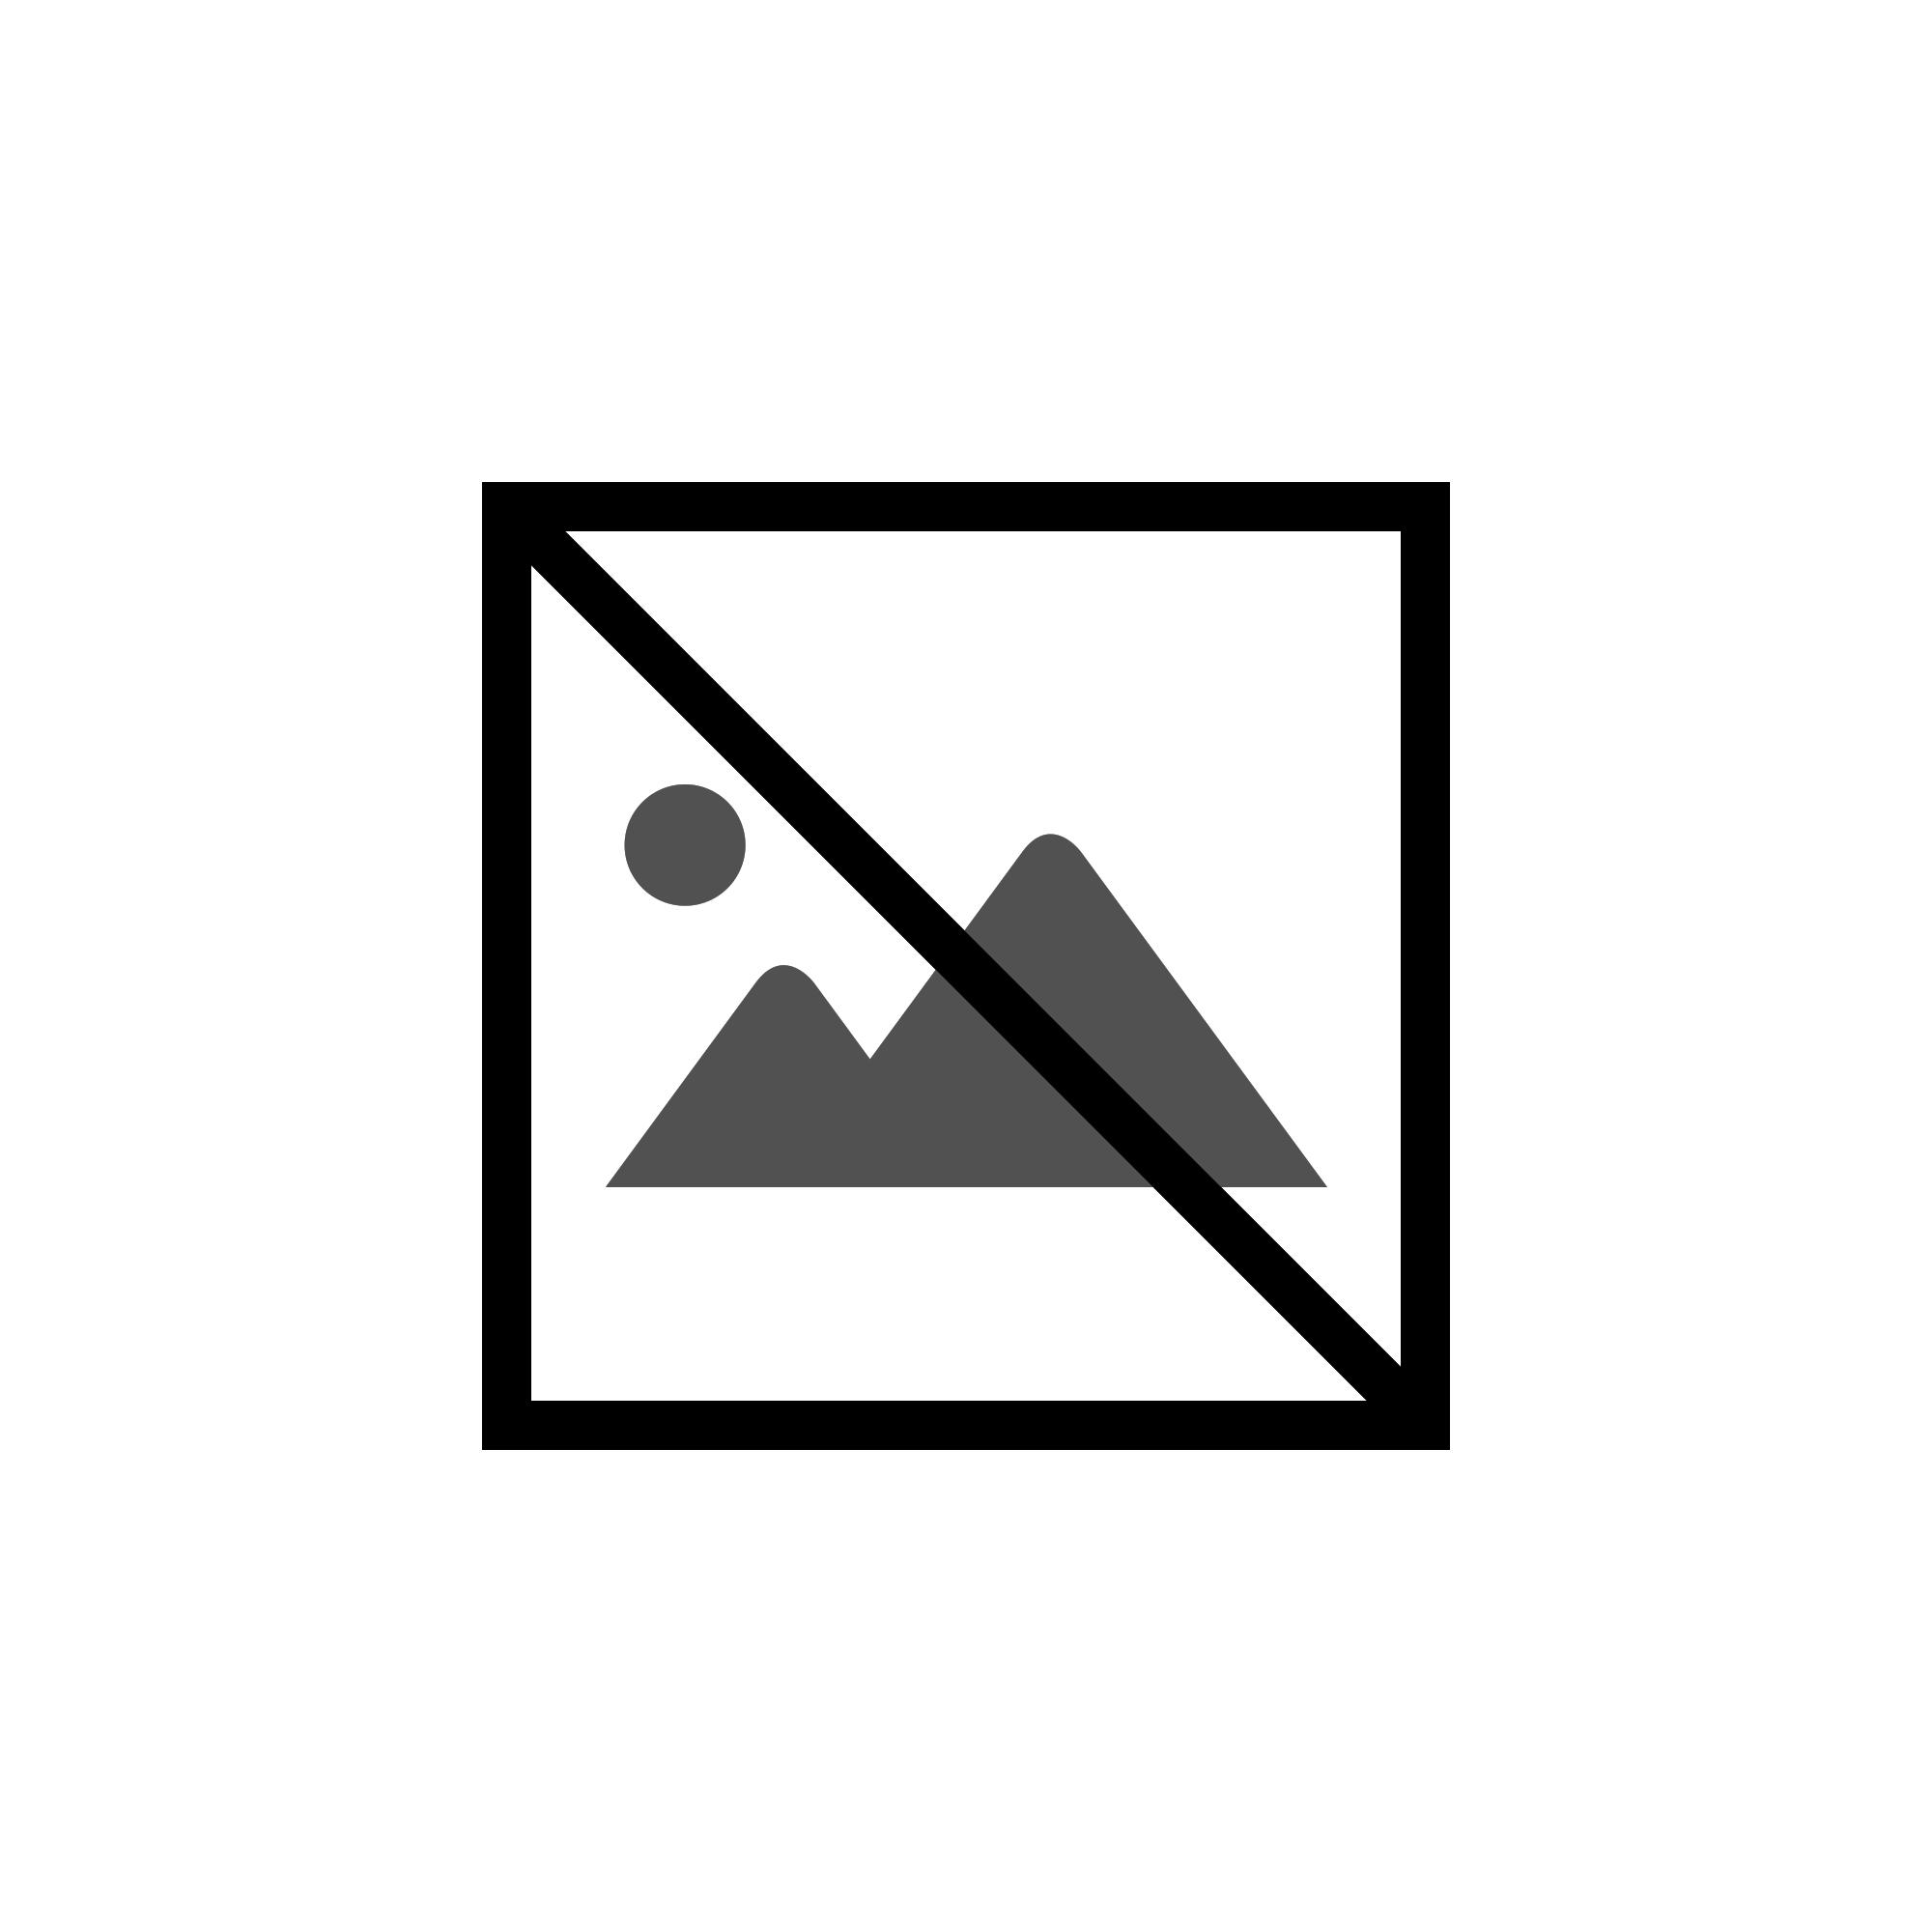 Renault Clio 1.5 dCi Confort 82g (90cv) (5p)